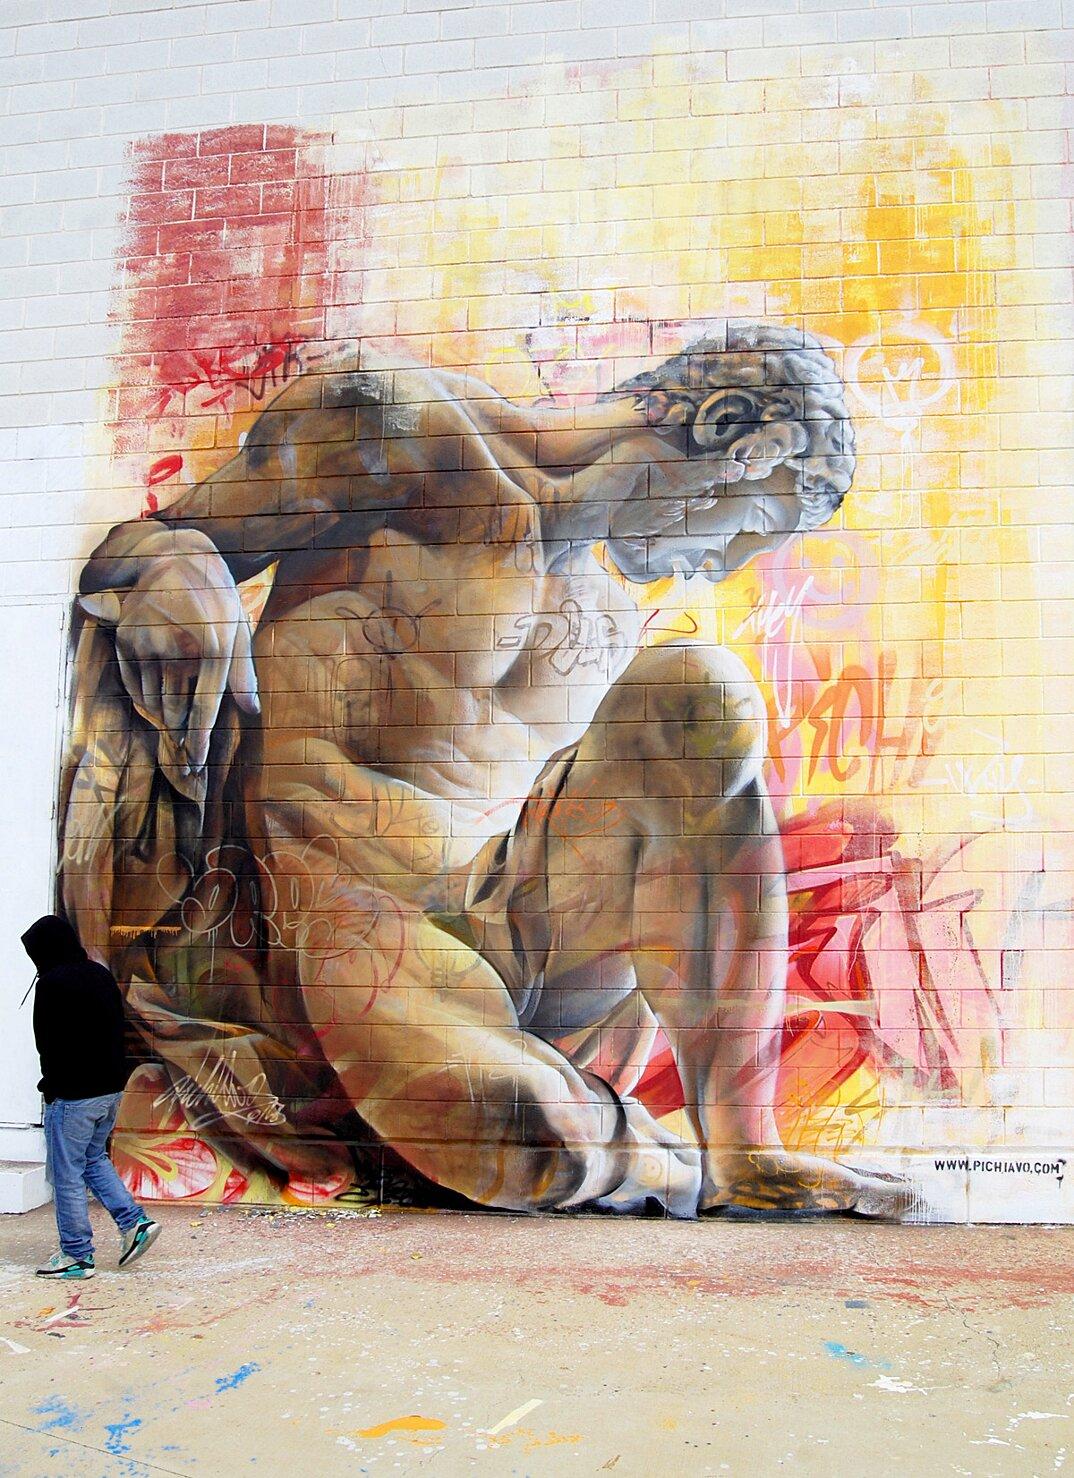 street-art-graffiti-dei-greci-pichi-e-avo-1